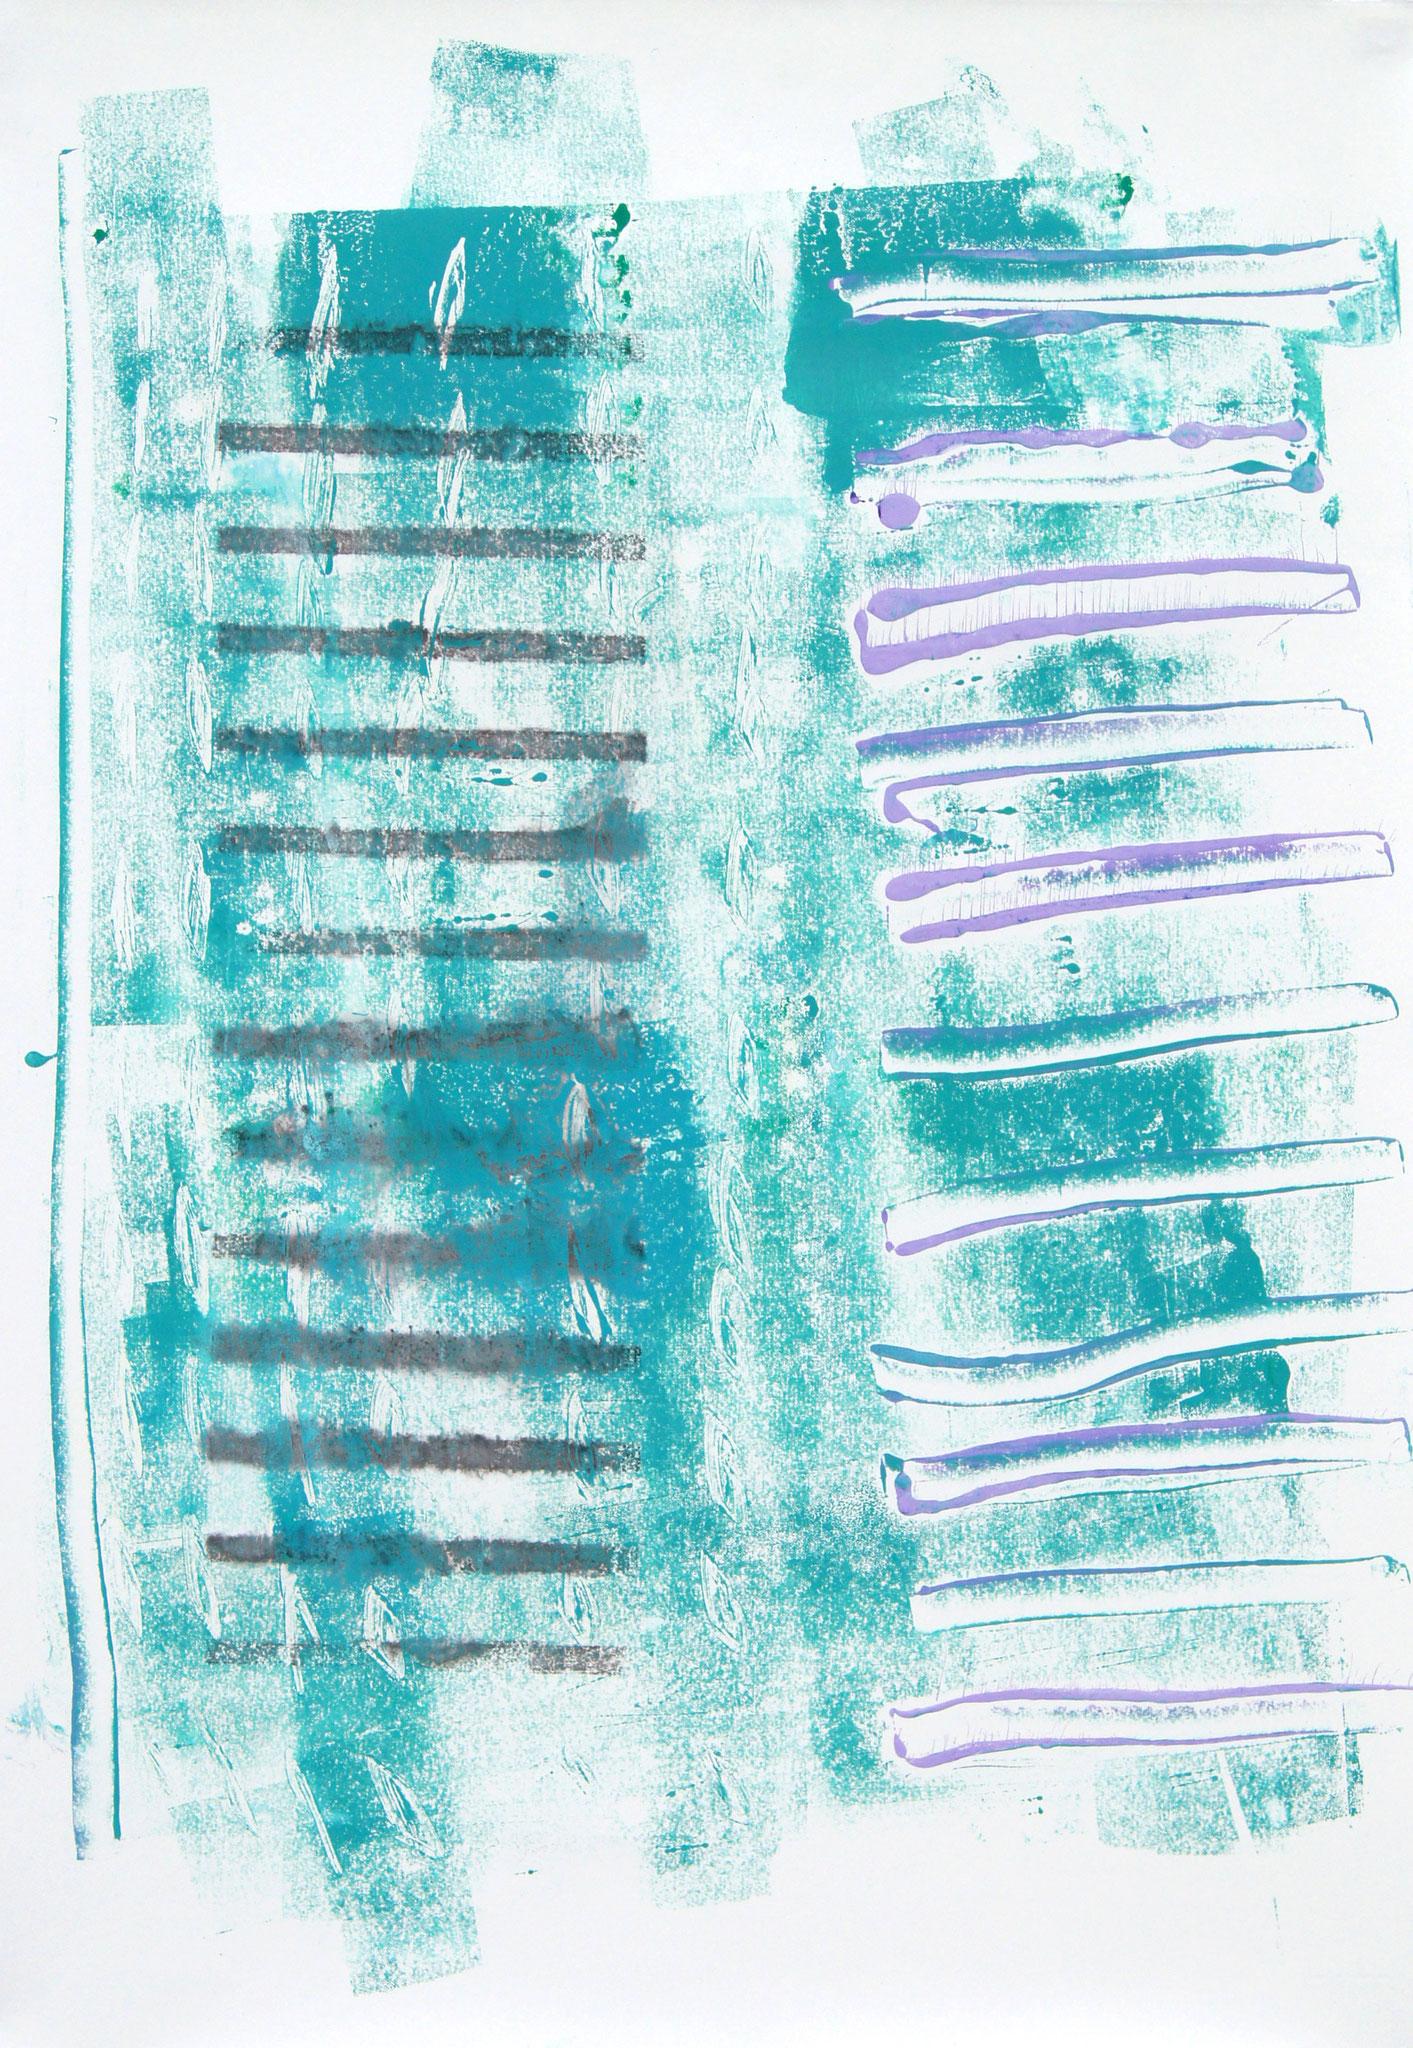 Helge und Julie  Mischtechnik aus Monotypie und Transferdruck, 53x77 cm